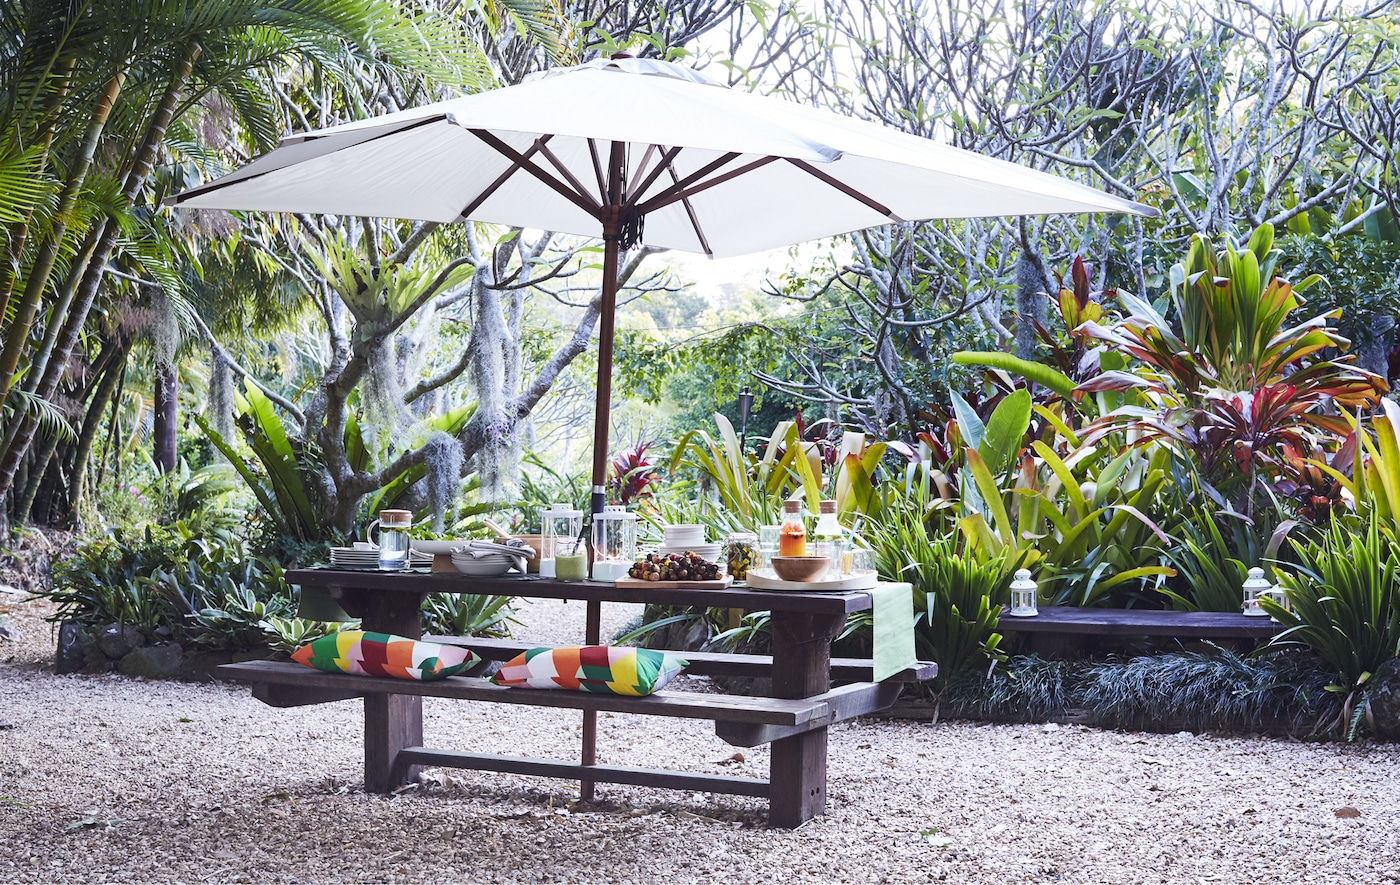 Ein dunkelbrauner, gedeckter Holztisch mit Bank & Sonnenschirm in einem Tropengarten